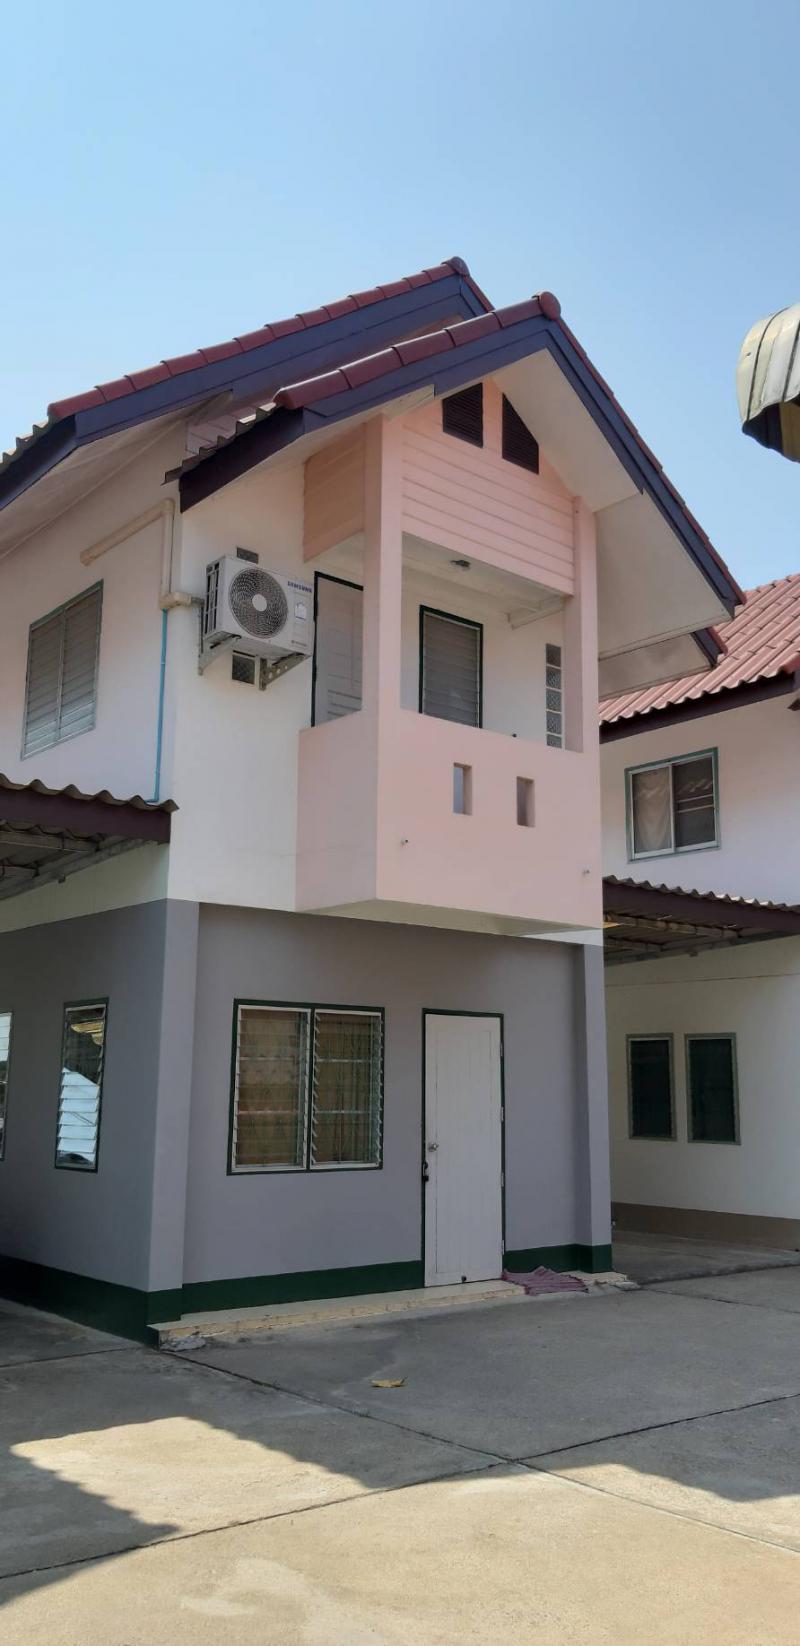 บ้านเดี่ยวสองชั้น 7000 เชียงใหม่ เมืองเชียงใหม่ สุเทพ